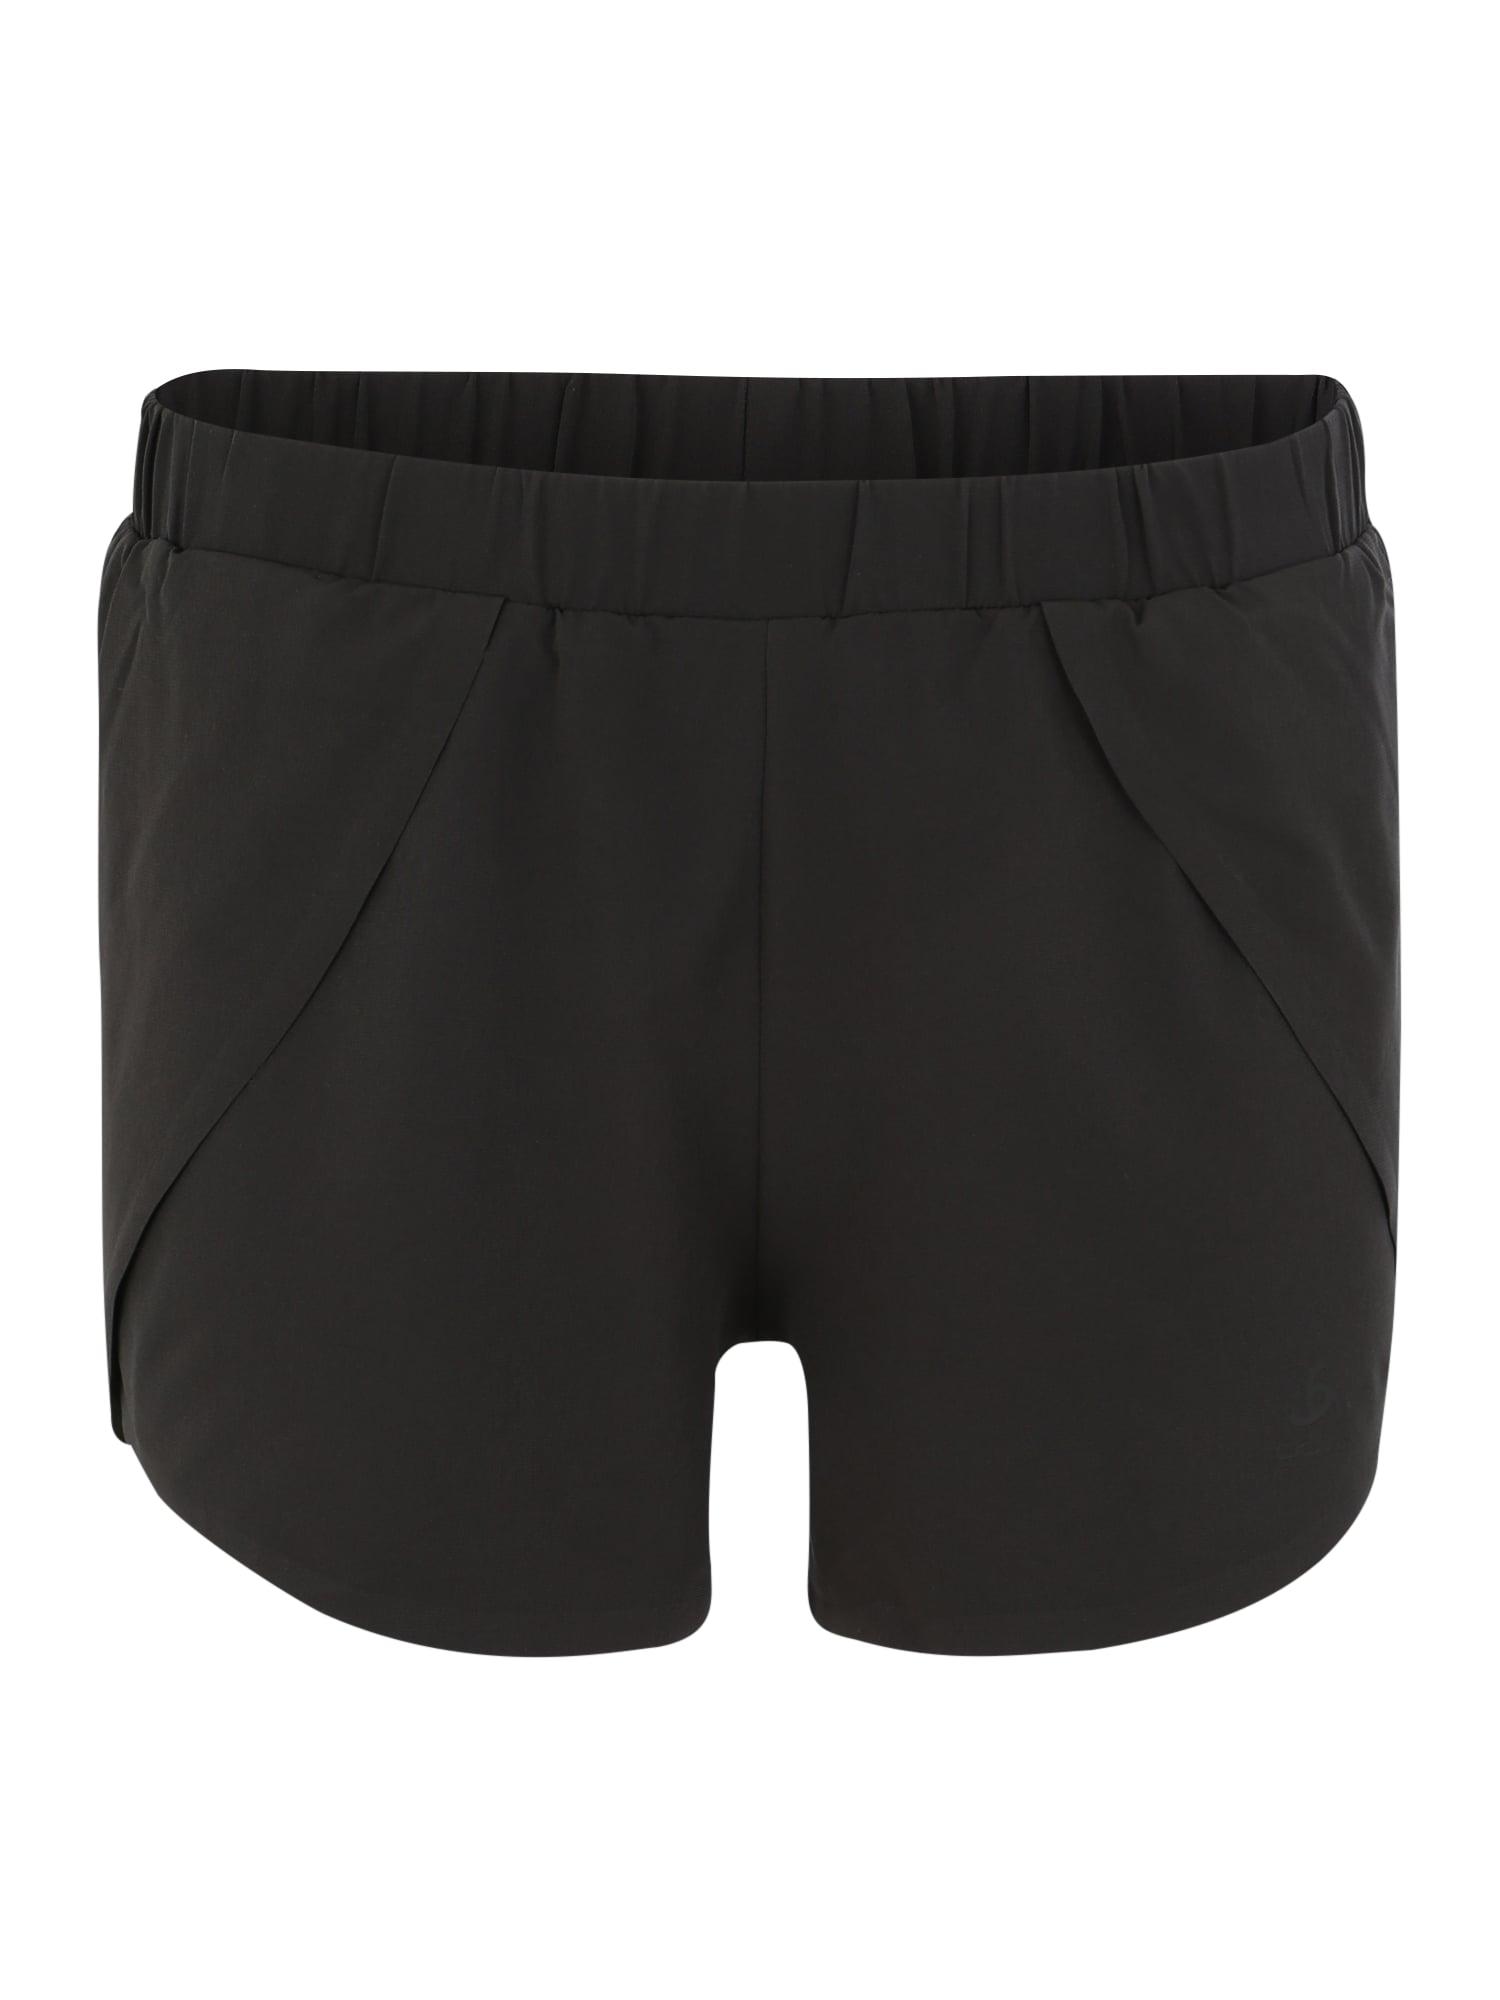 Sportovní kalhoty LILLY WOVEN X černá ODLO